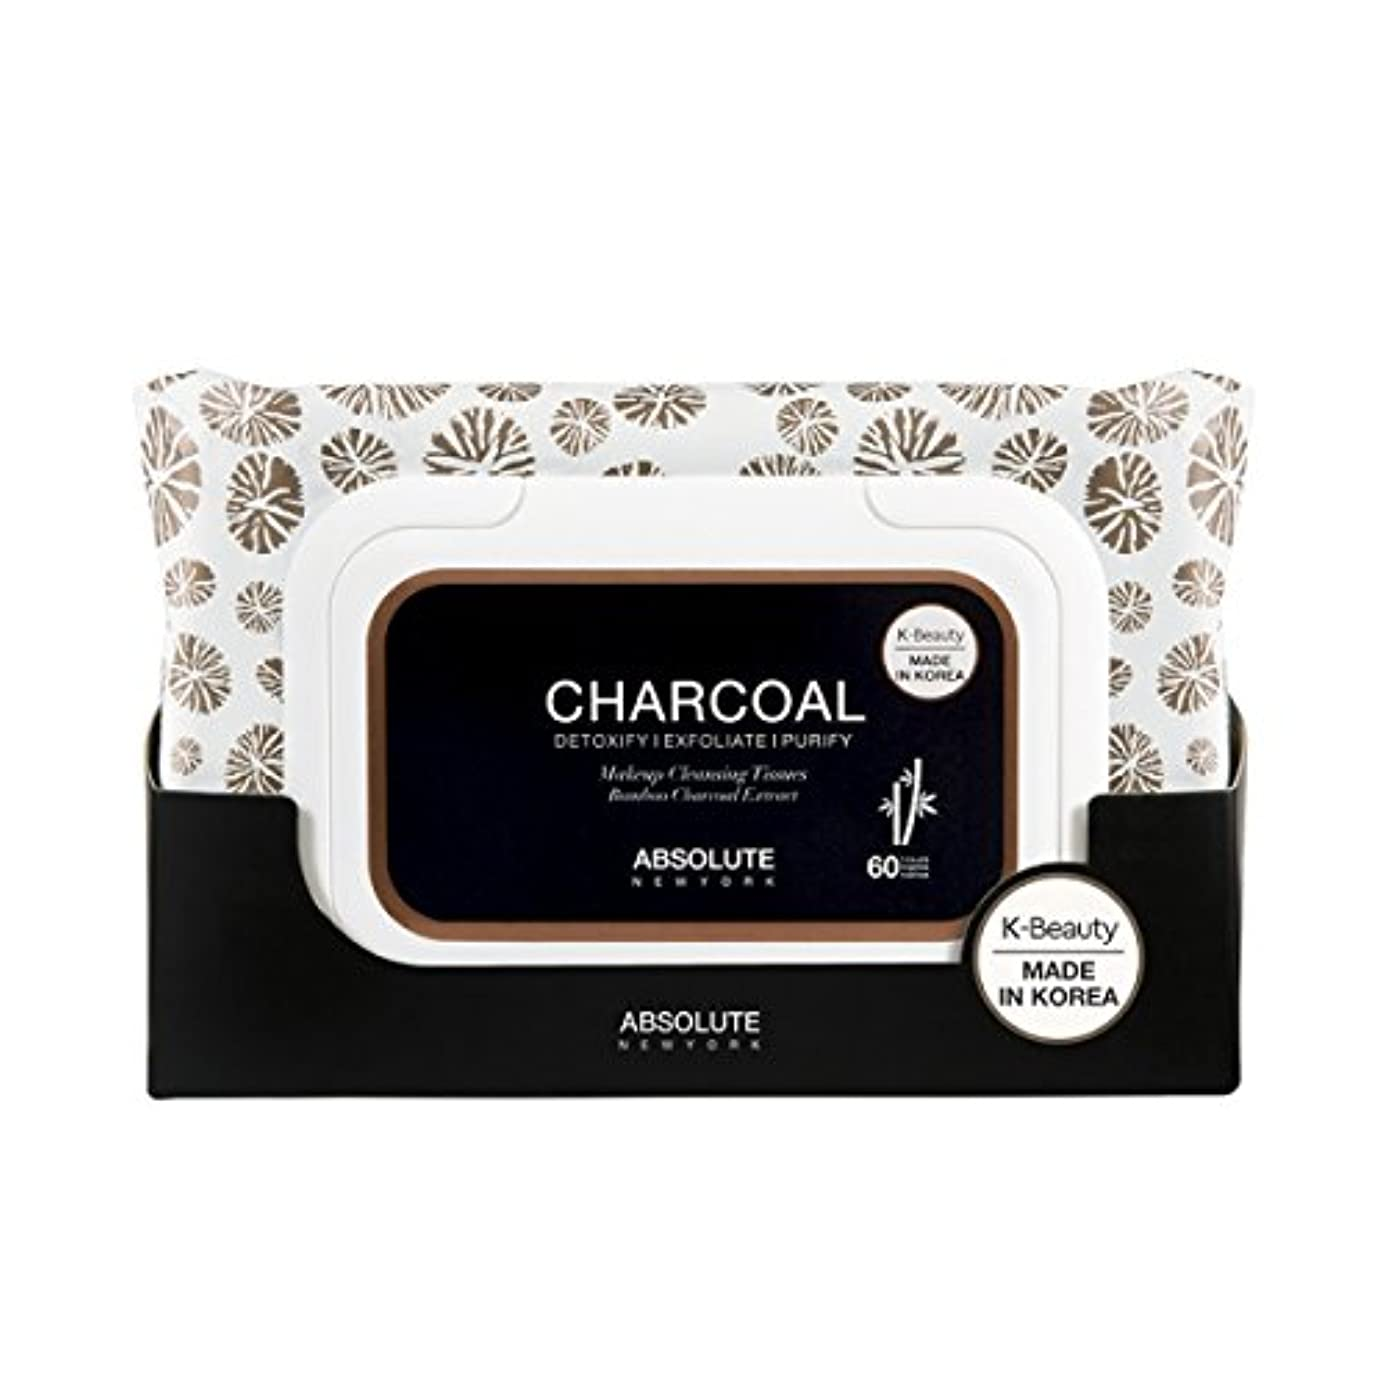 とんでもない信頼性失われた(3 Pack) ABSOLUTE Charcoal Cleansing Tissue (並行輸入品)